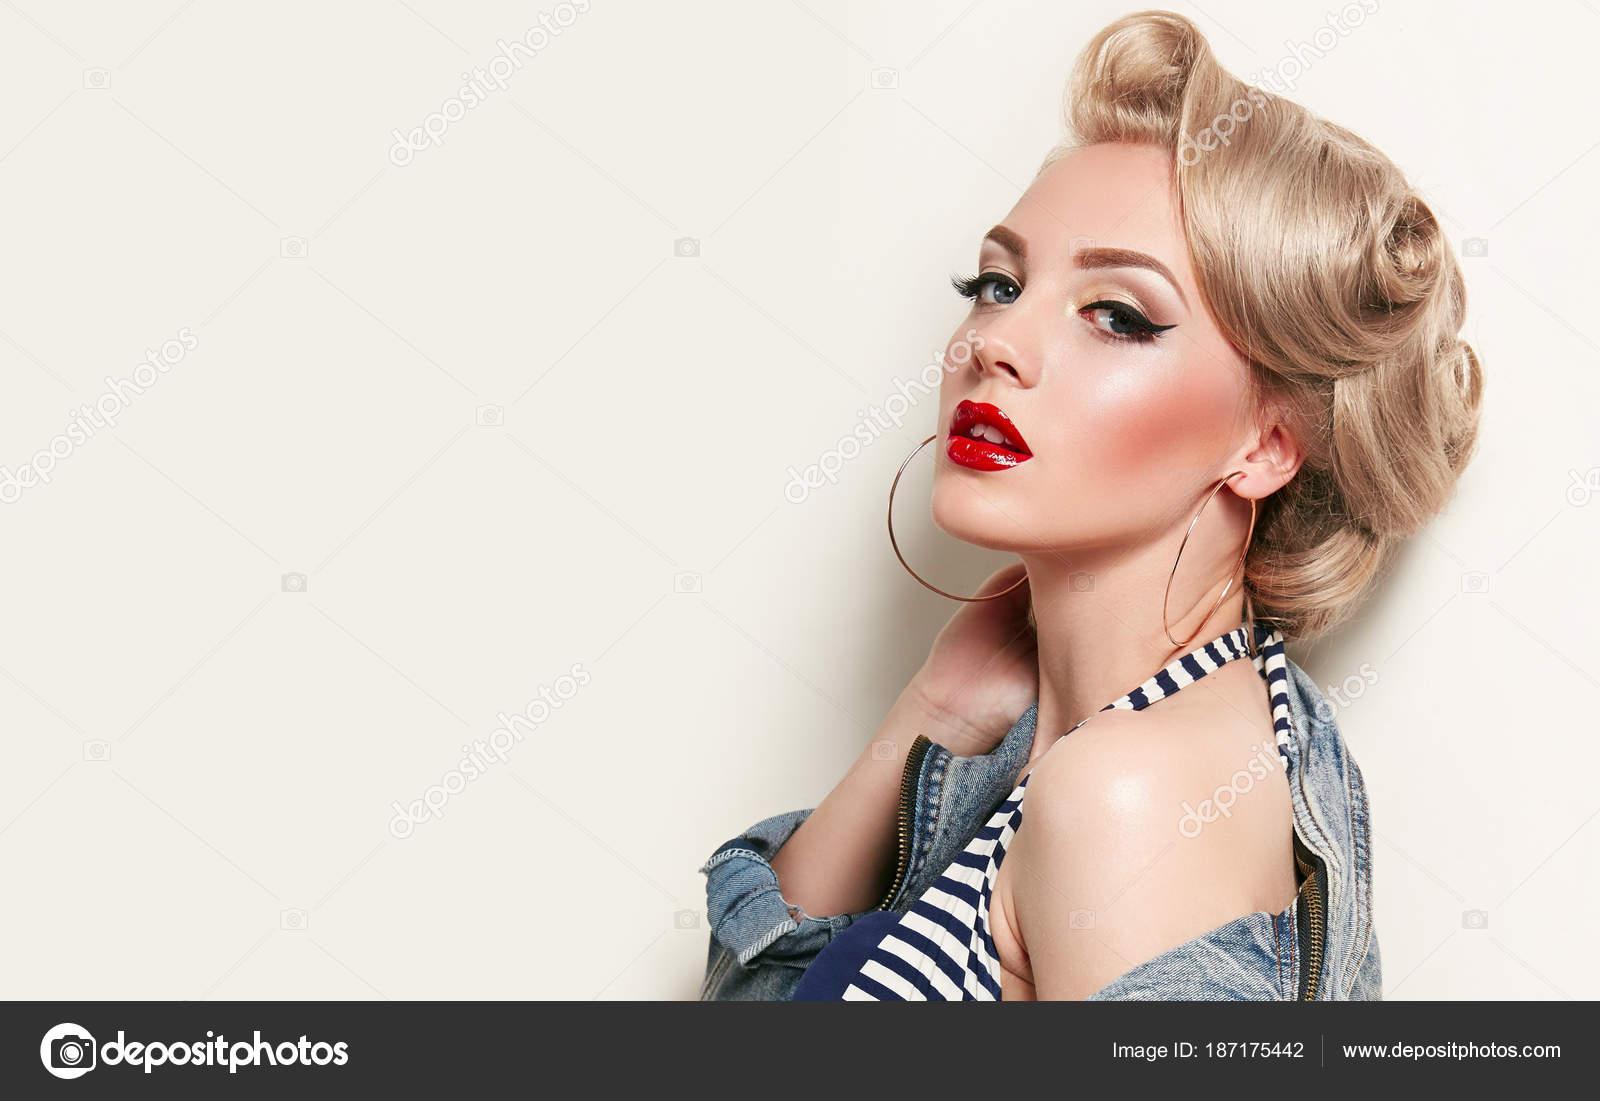 belle jeune fille américaine dans style rétro pinup blond les